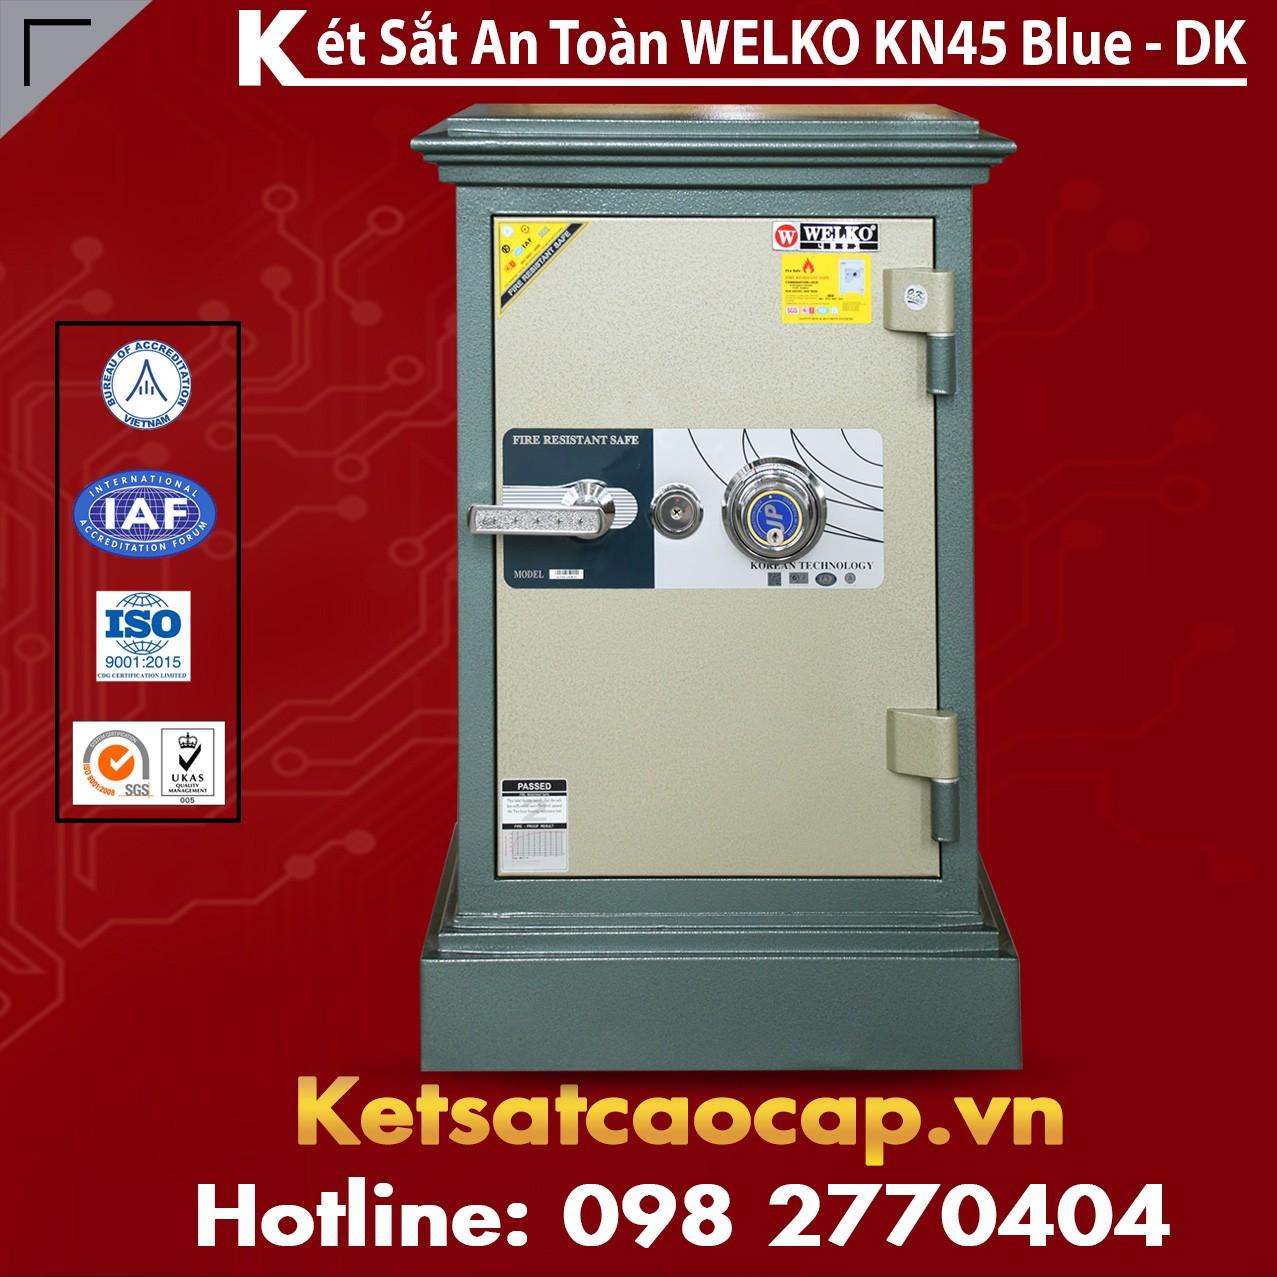 Két Sắt Thanh Hóa WELKO KN45 BLUE - DK